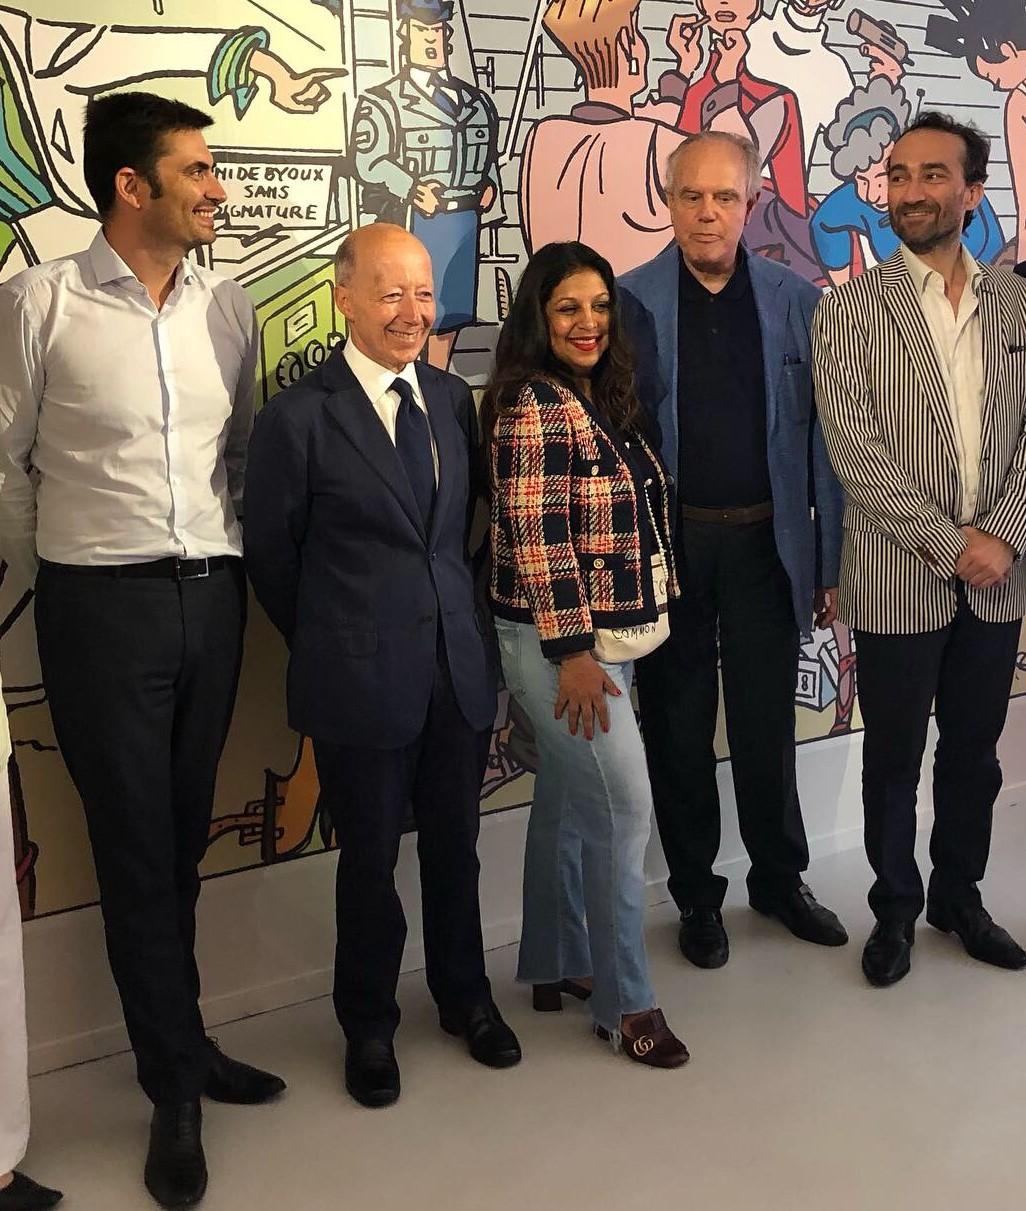 vernissage de l'exposition mode et bande dessinée juin 2019 Angoulême